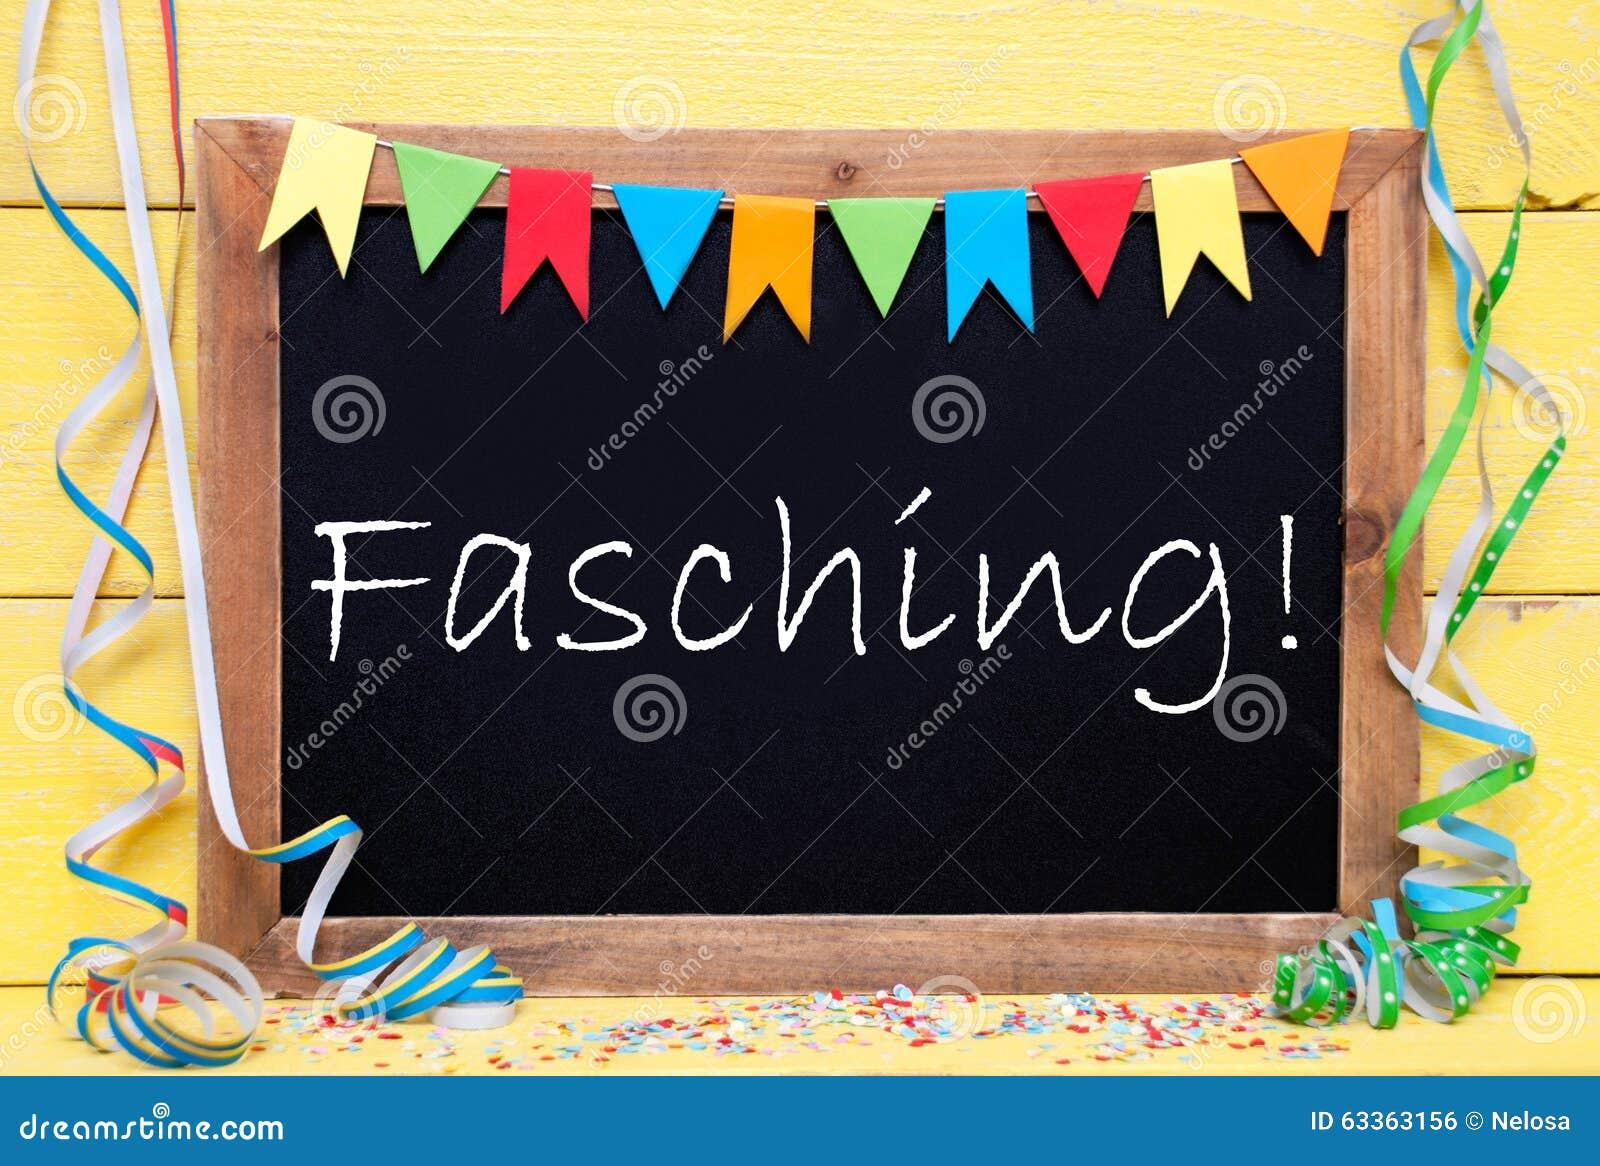 Tafel mit partei dekoration text fasching bedeutet for Dekoration karneval